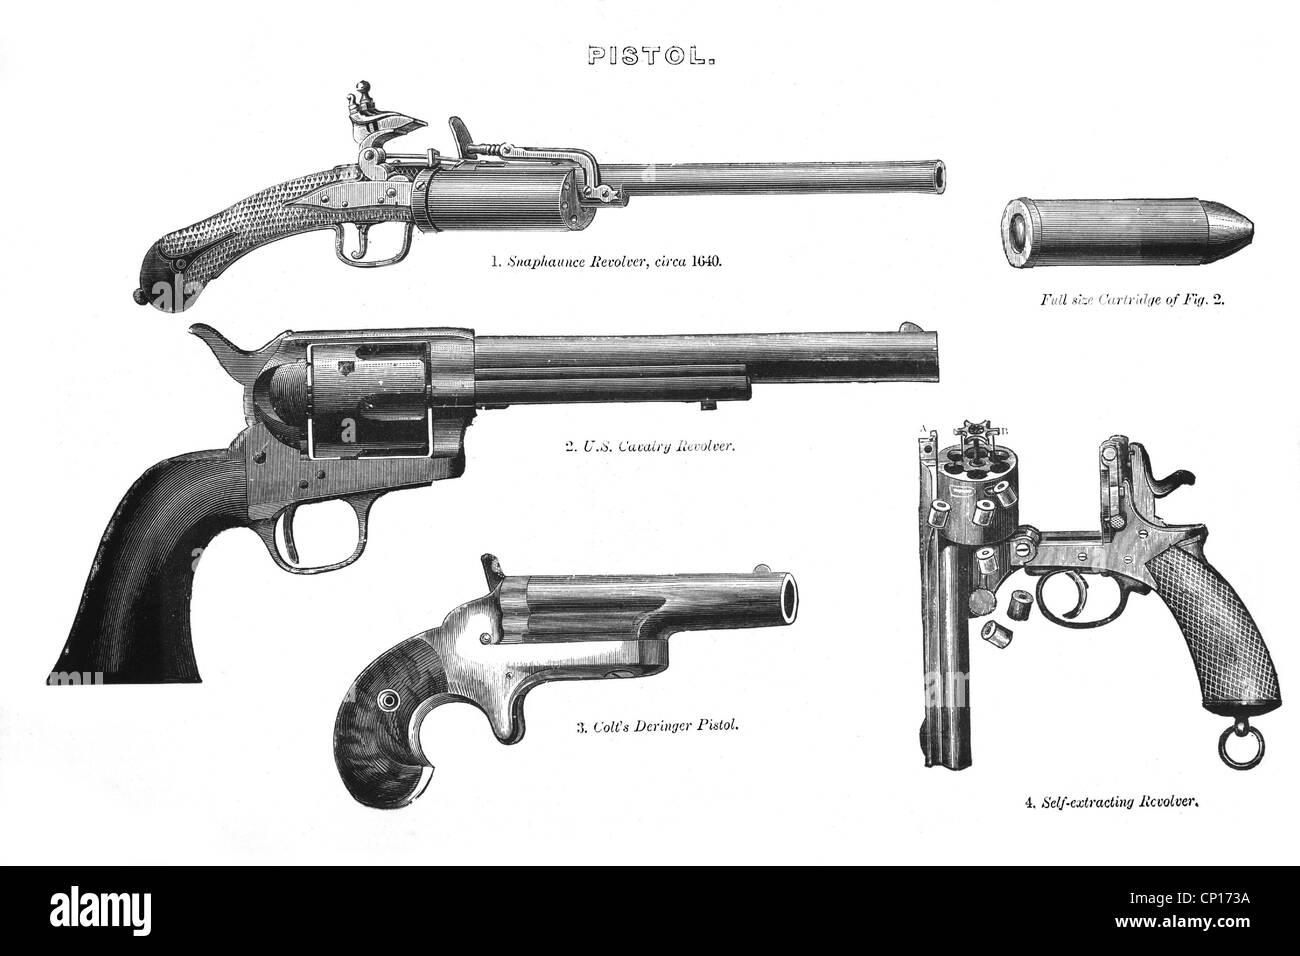 Colt Fire Arms Imágenes De Stock & Colt Fire Arms Fotos De Stock - Alamy